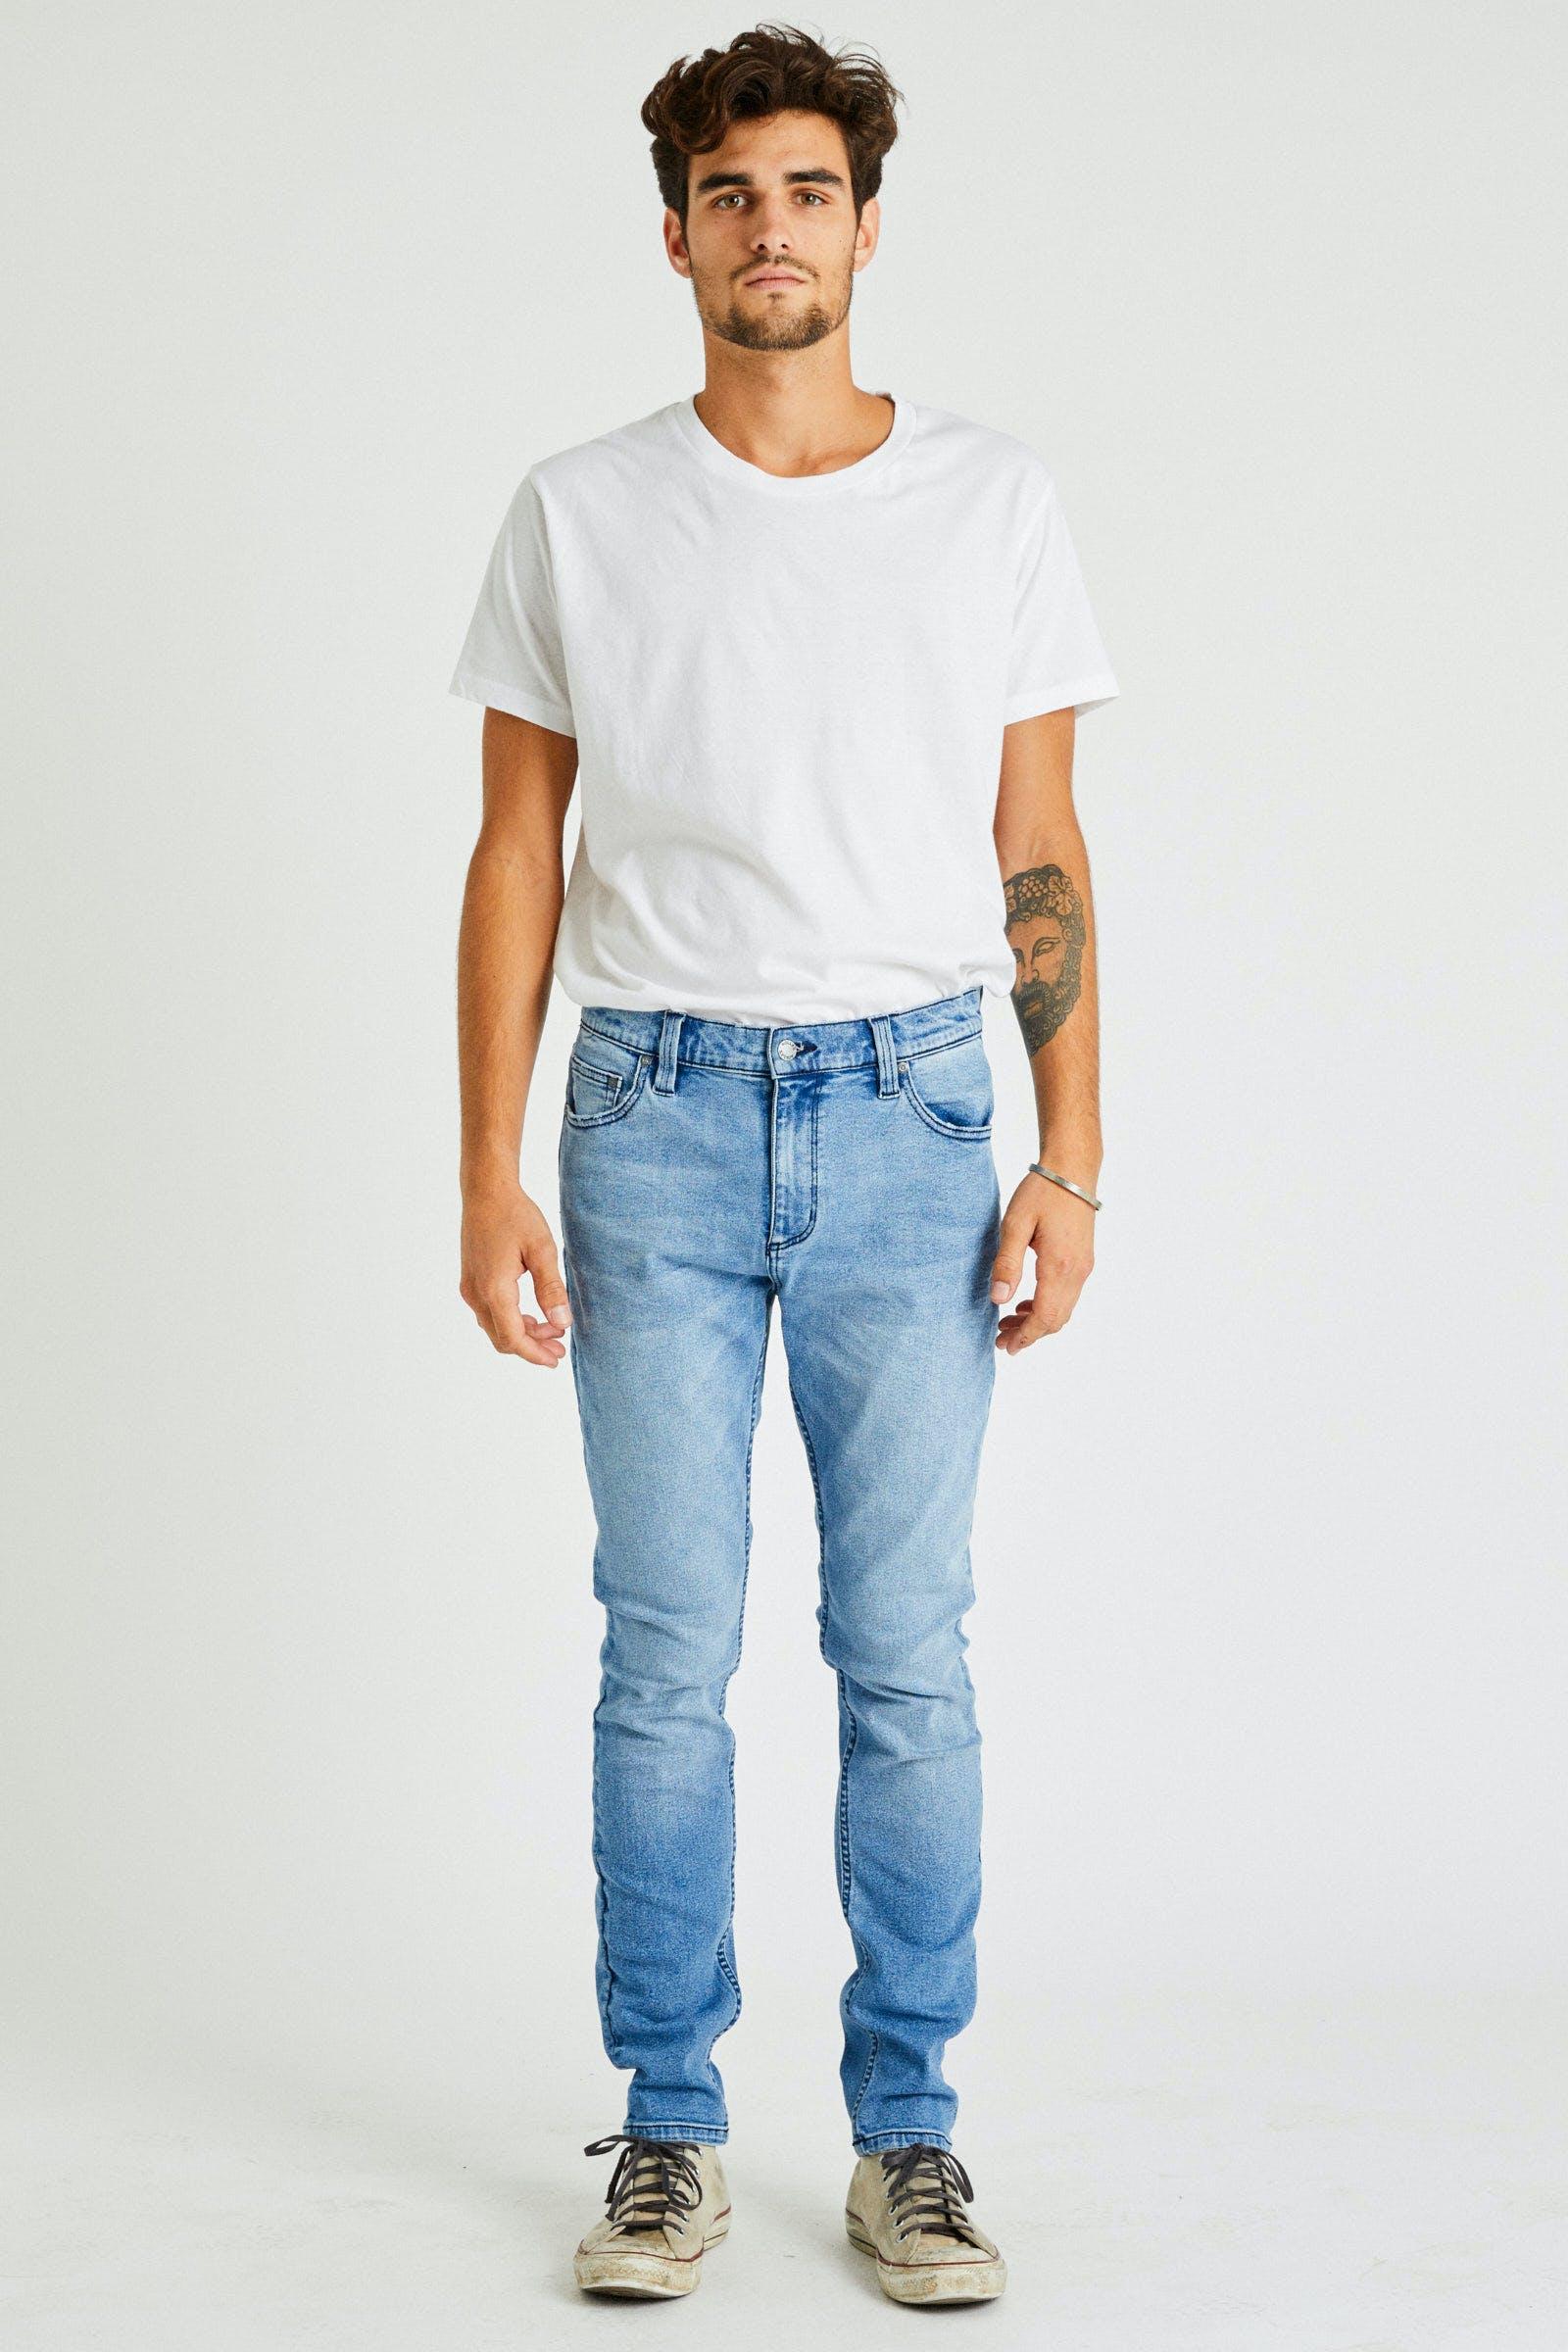 Rolla's Men's Stinger Skinny Jean